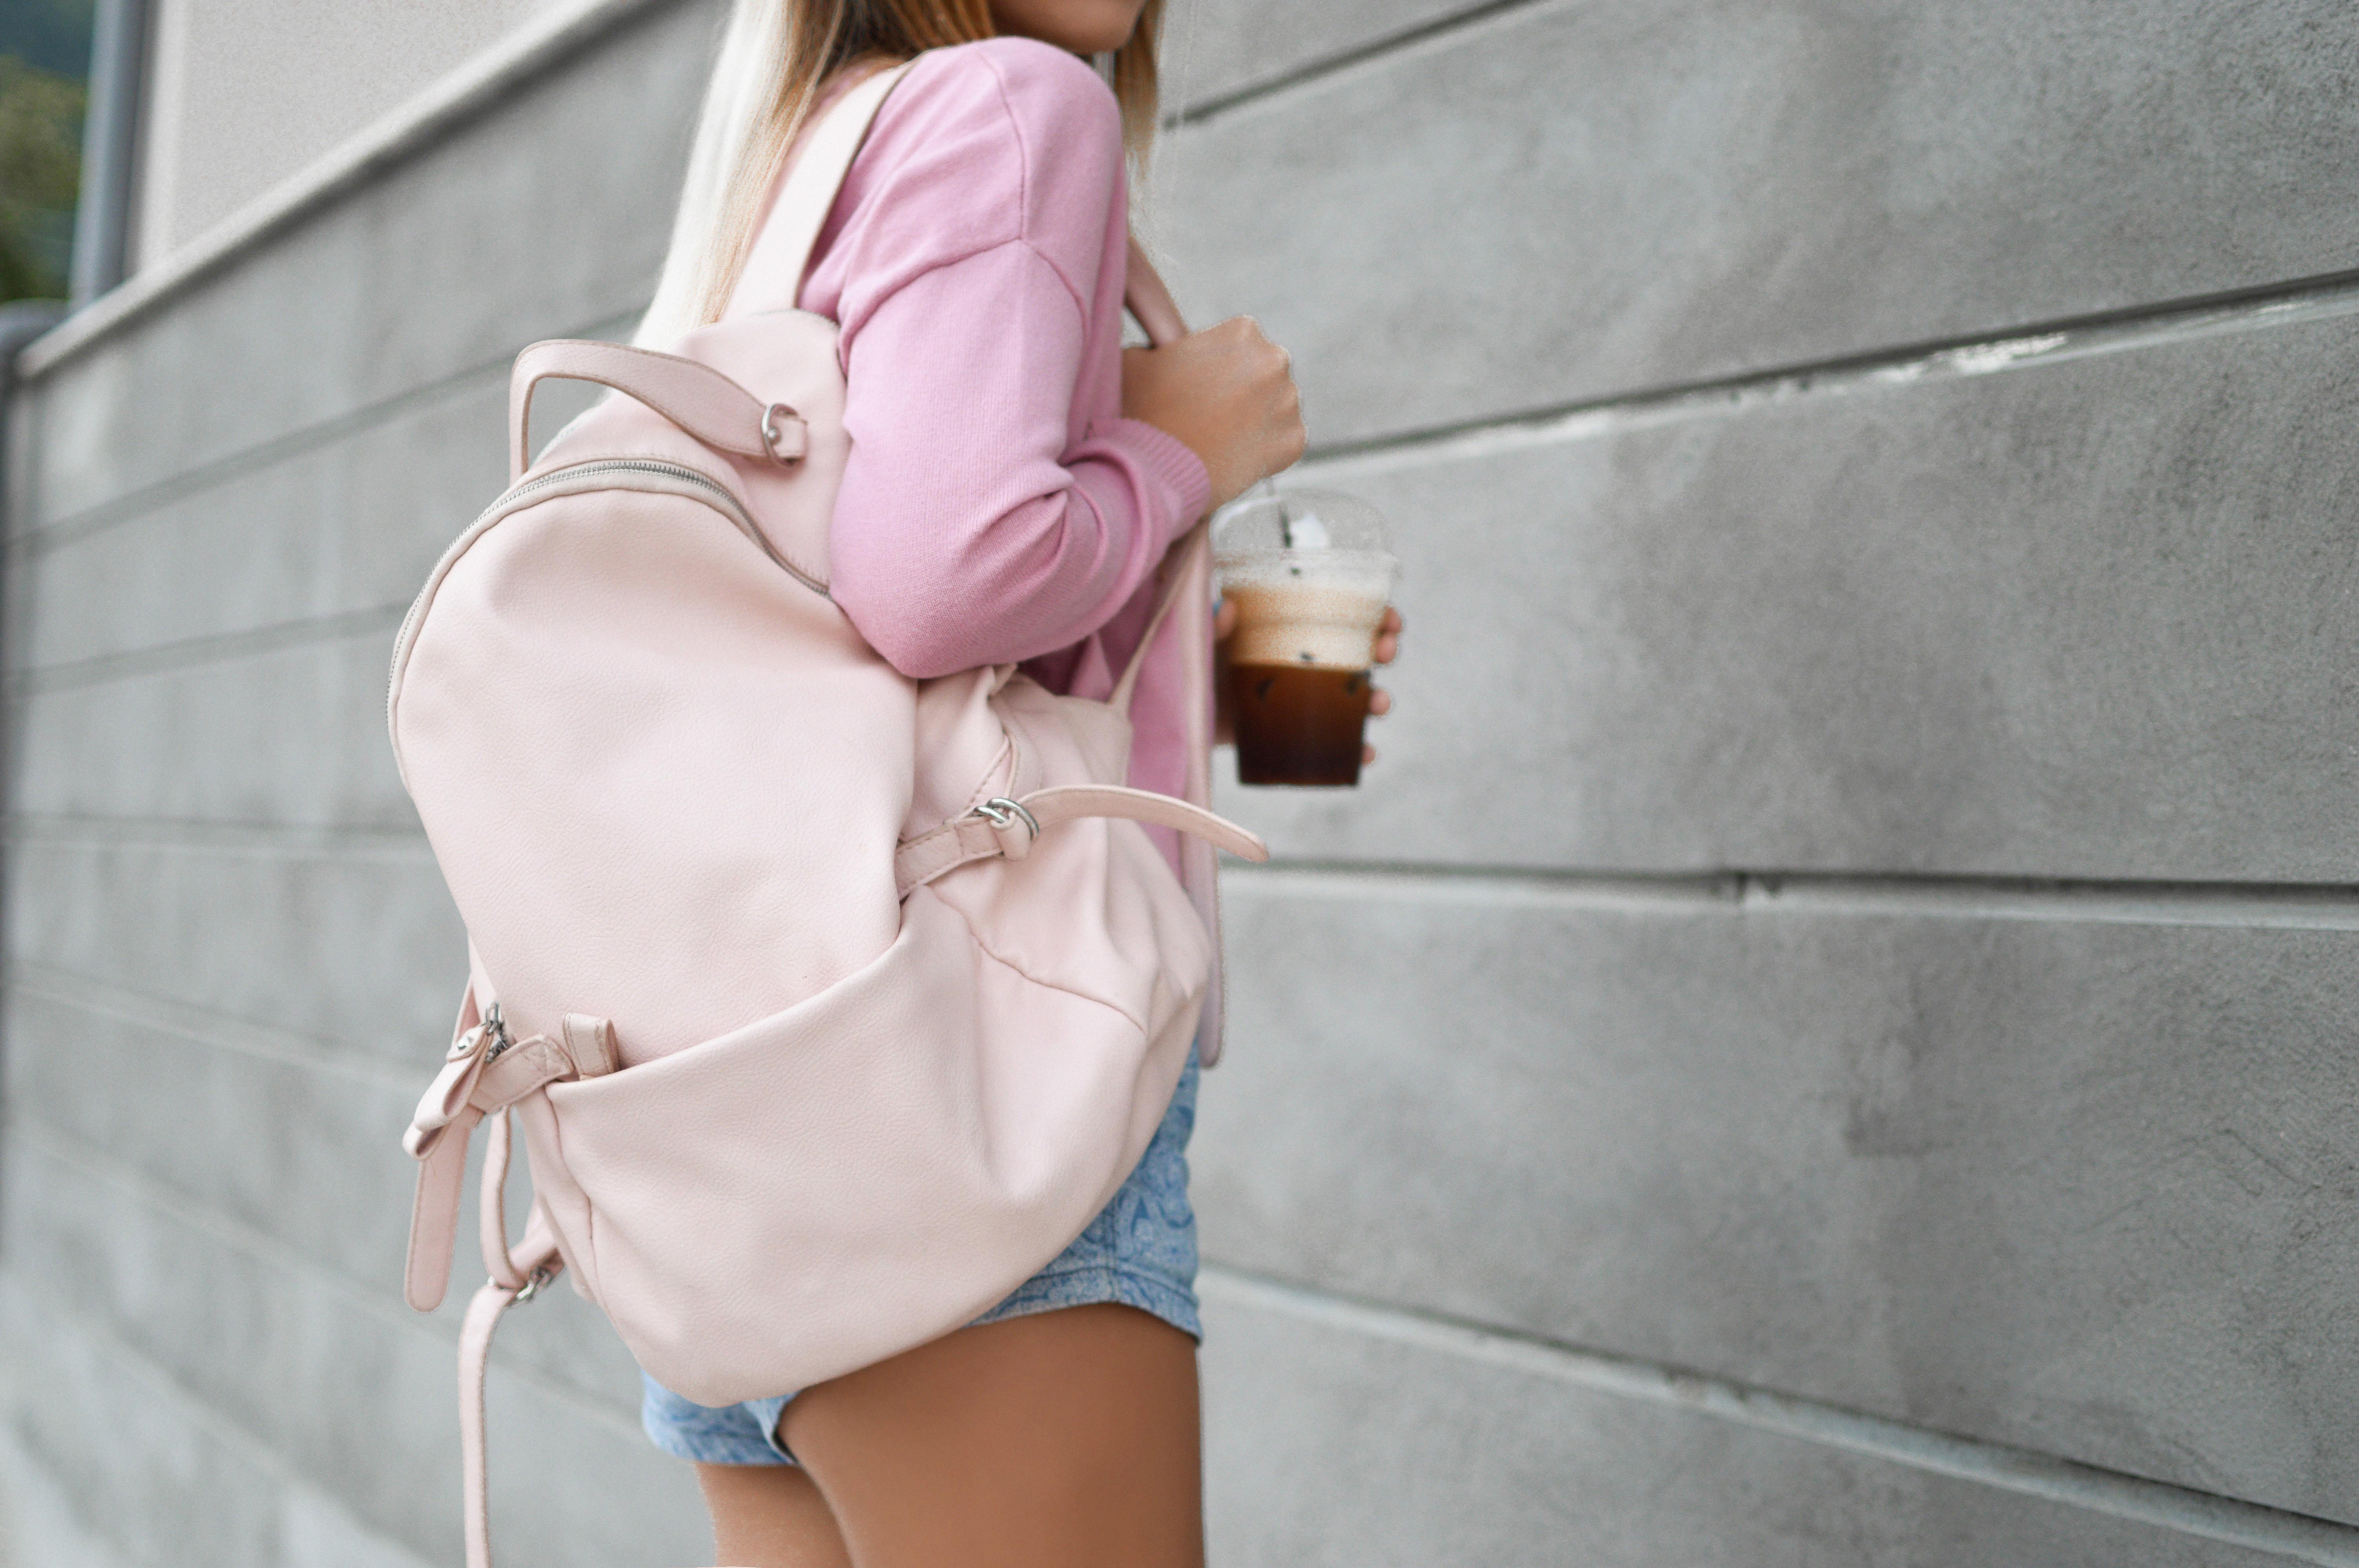 дівчина з рюкзаком